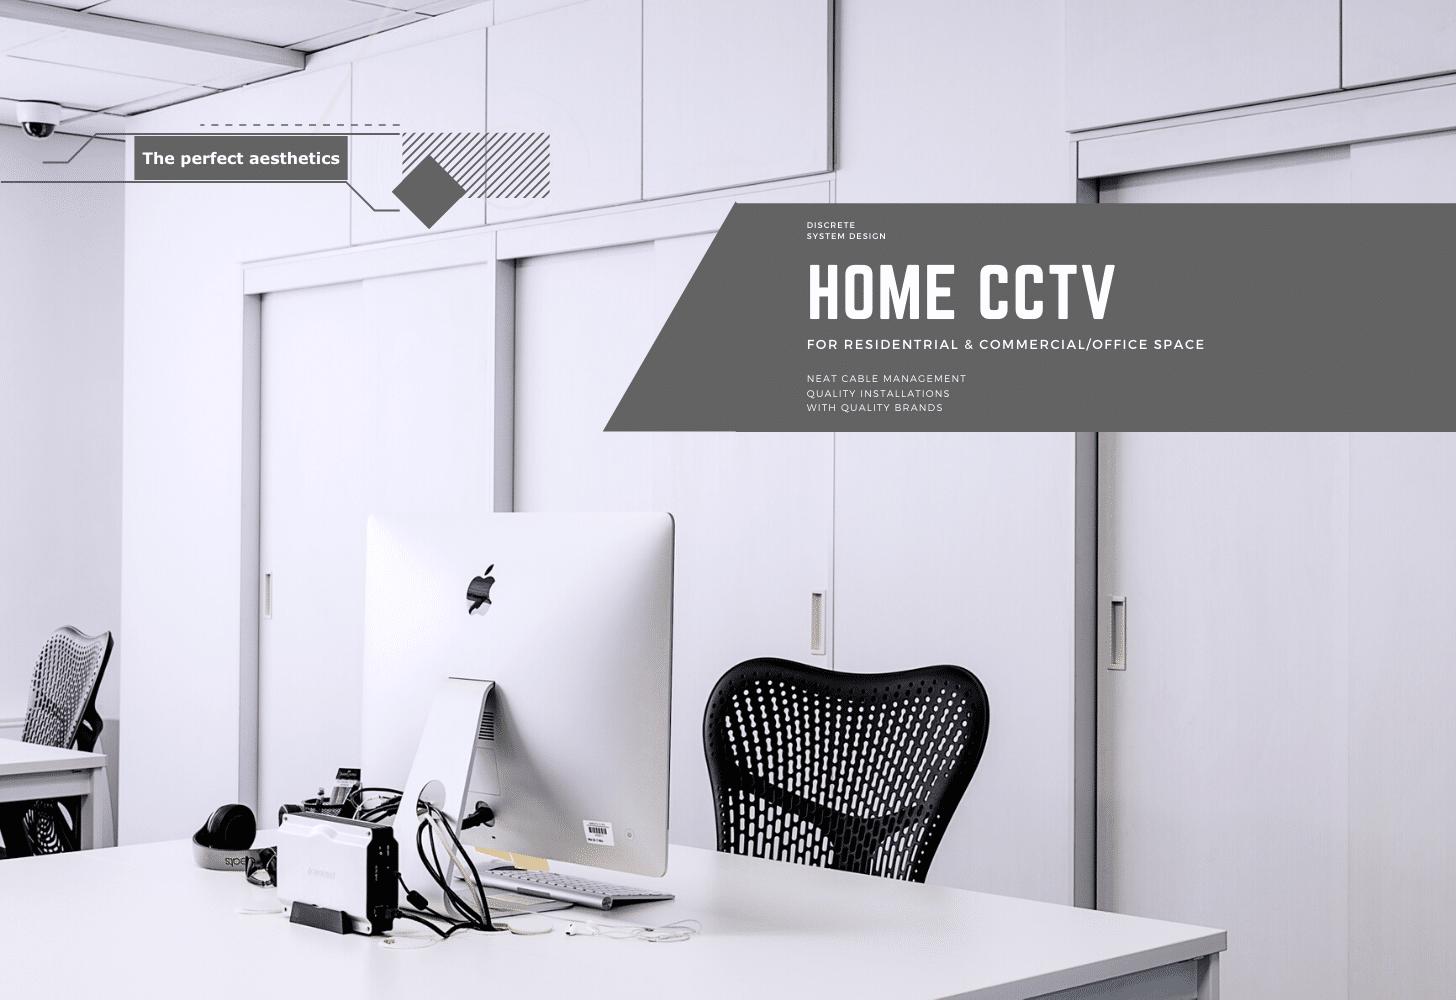 home cctv cameras, Home CCTV Cameras